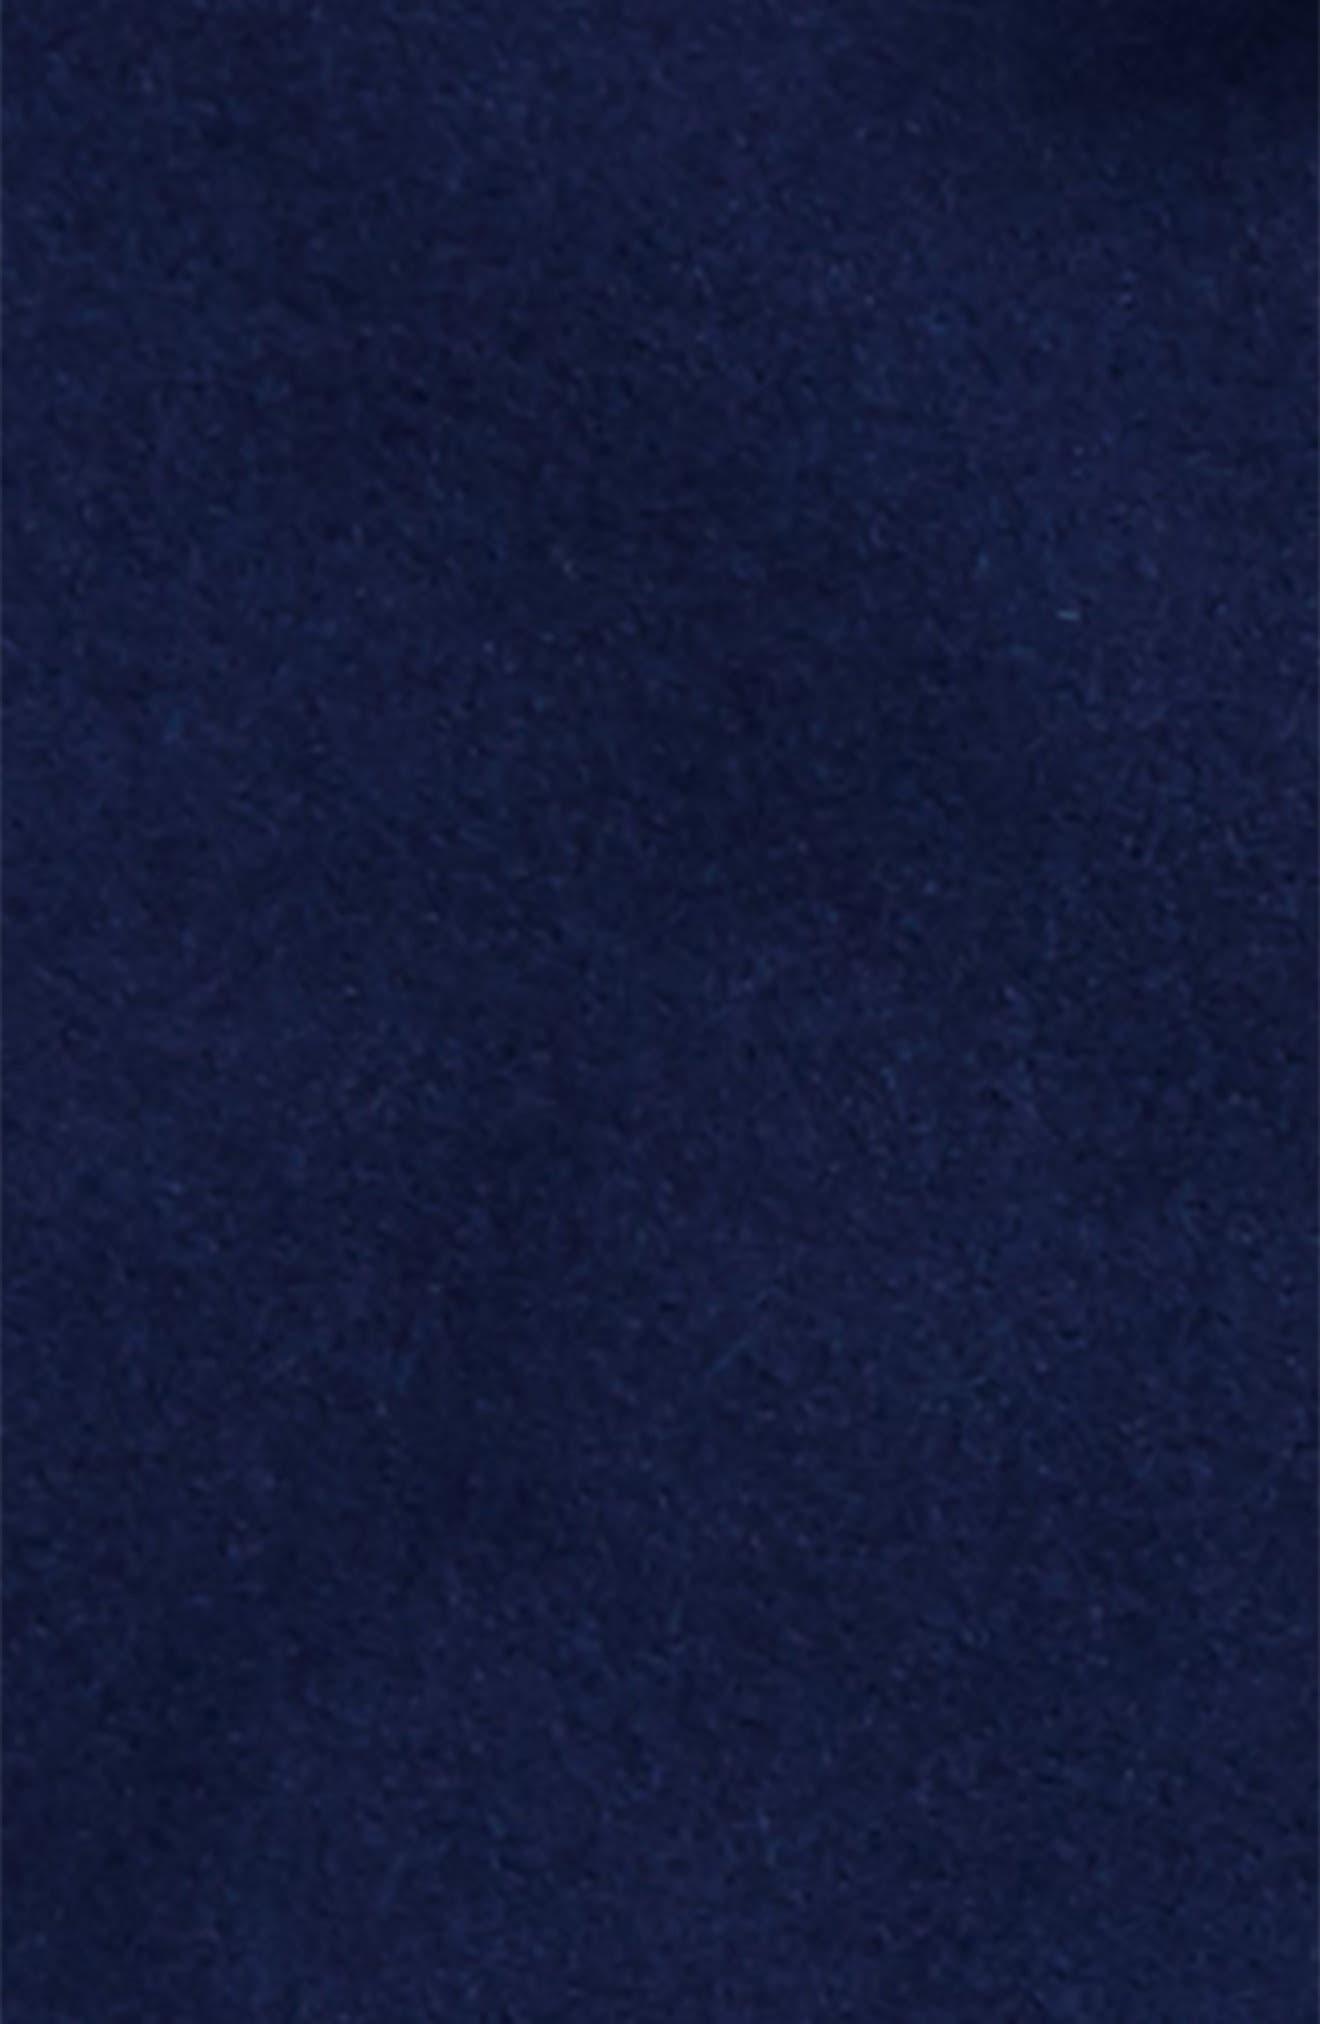 Alternate Image 2  - Mini Boden Hooded Duffle Coat (Toddler Girls, Little Girls & Big Girls)